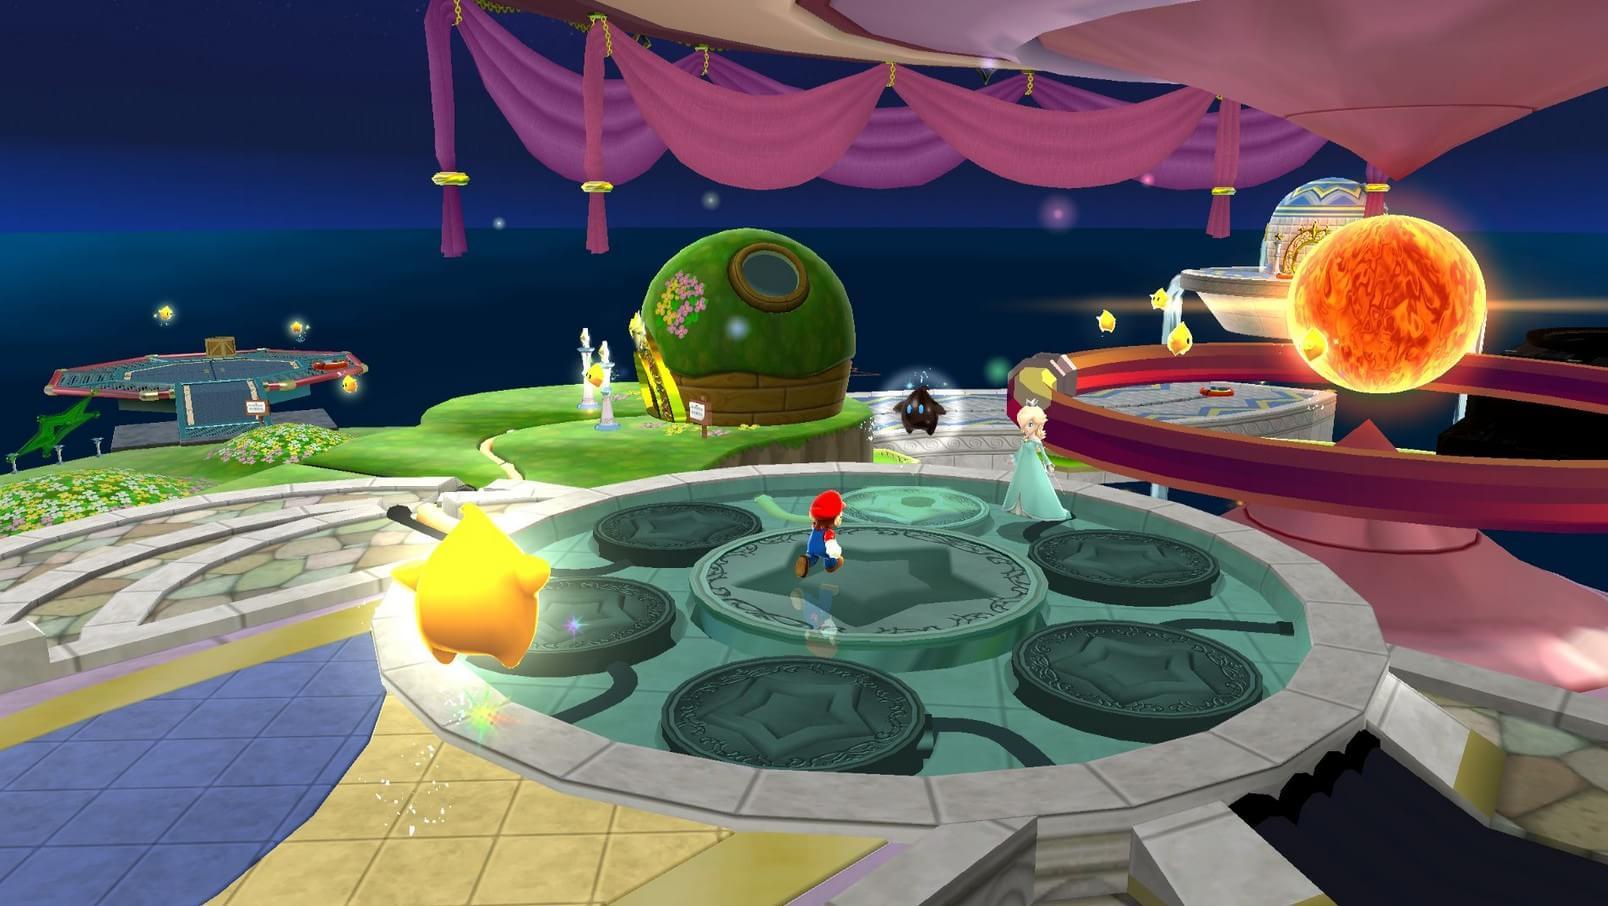 Emulador: como rodar os jogos de Wii e GameCube diretamente no PC